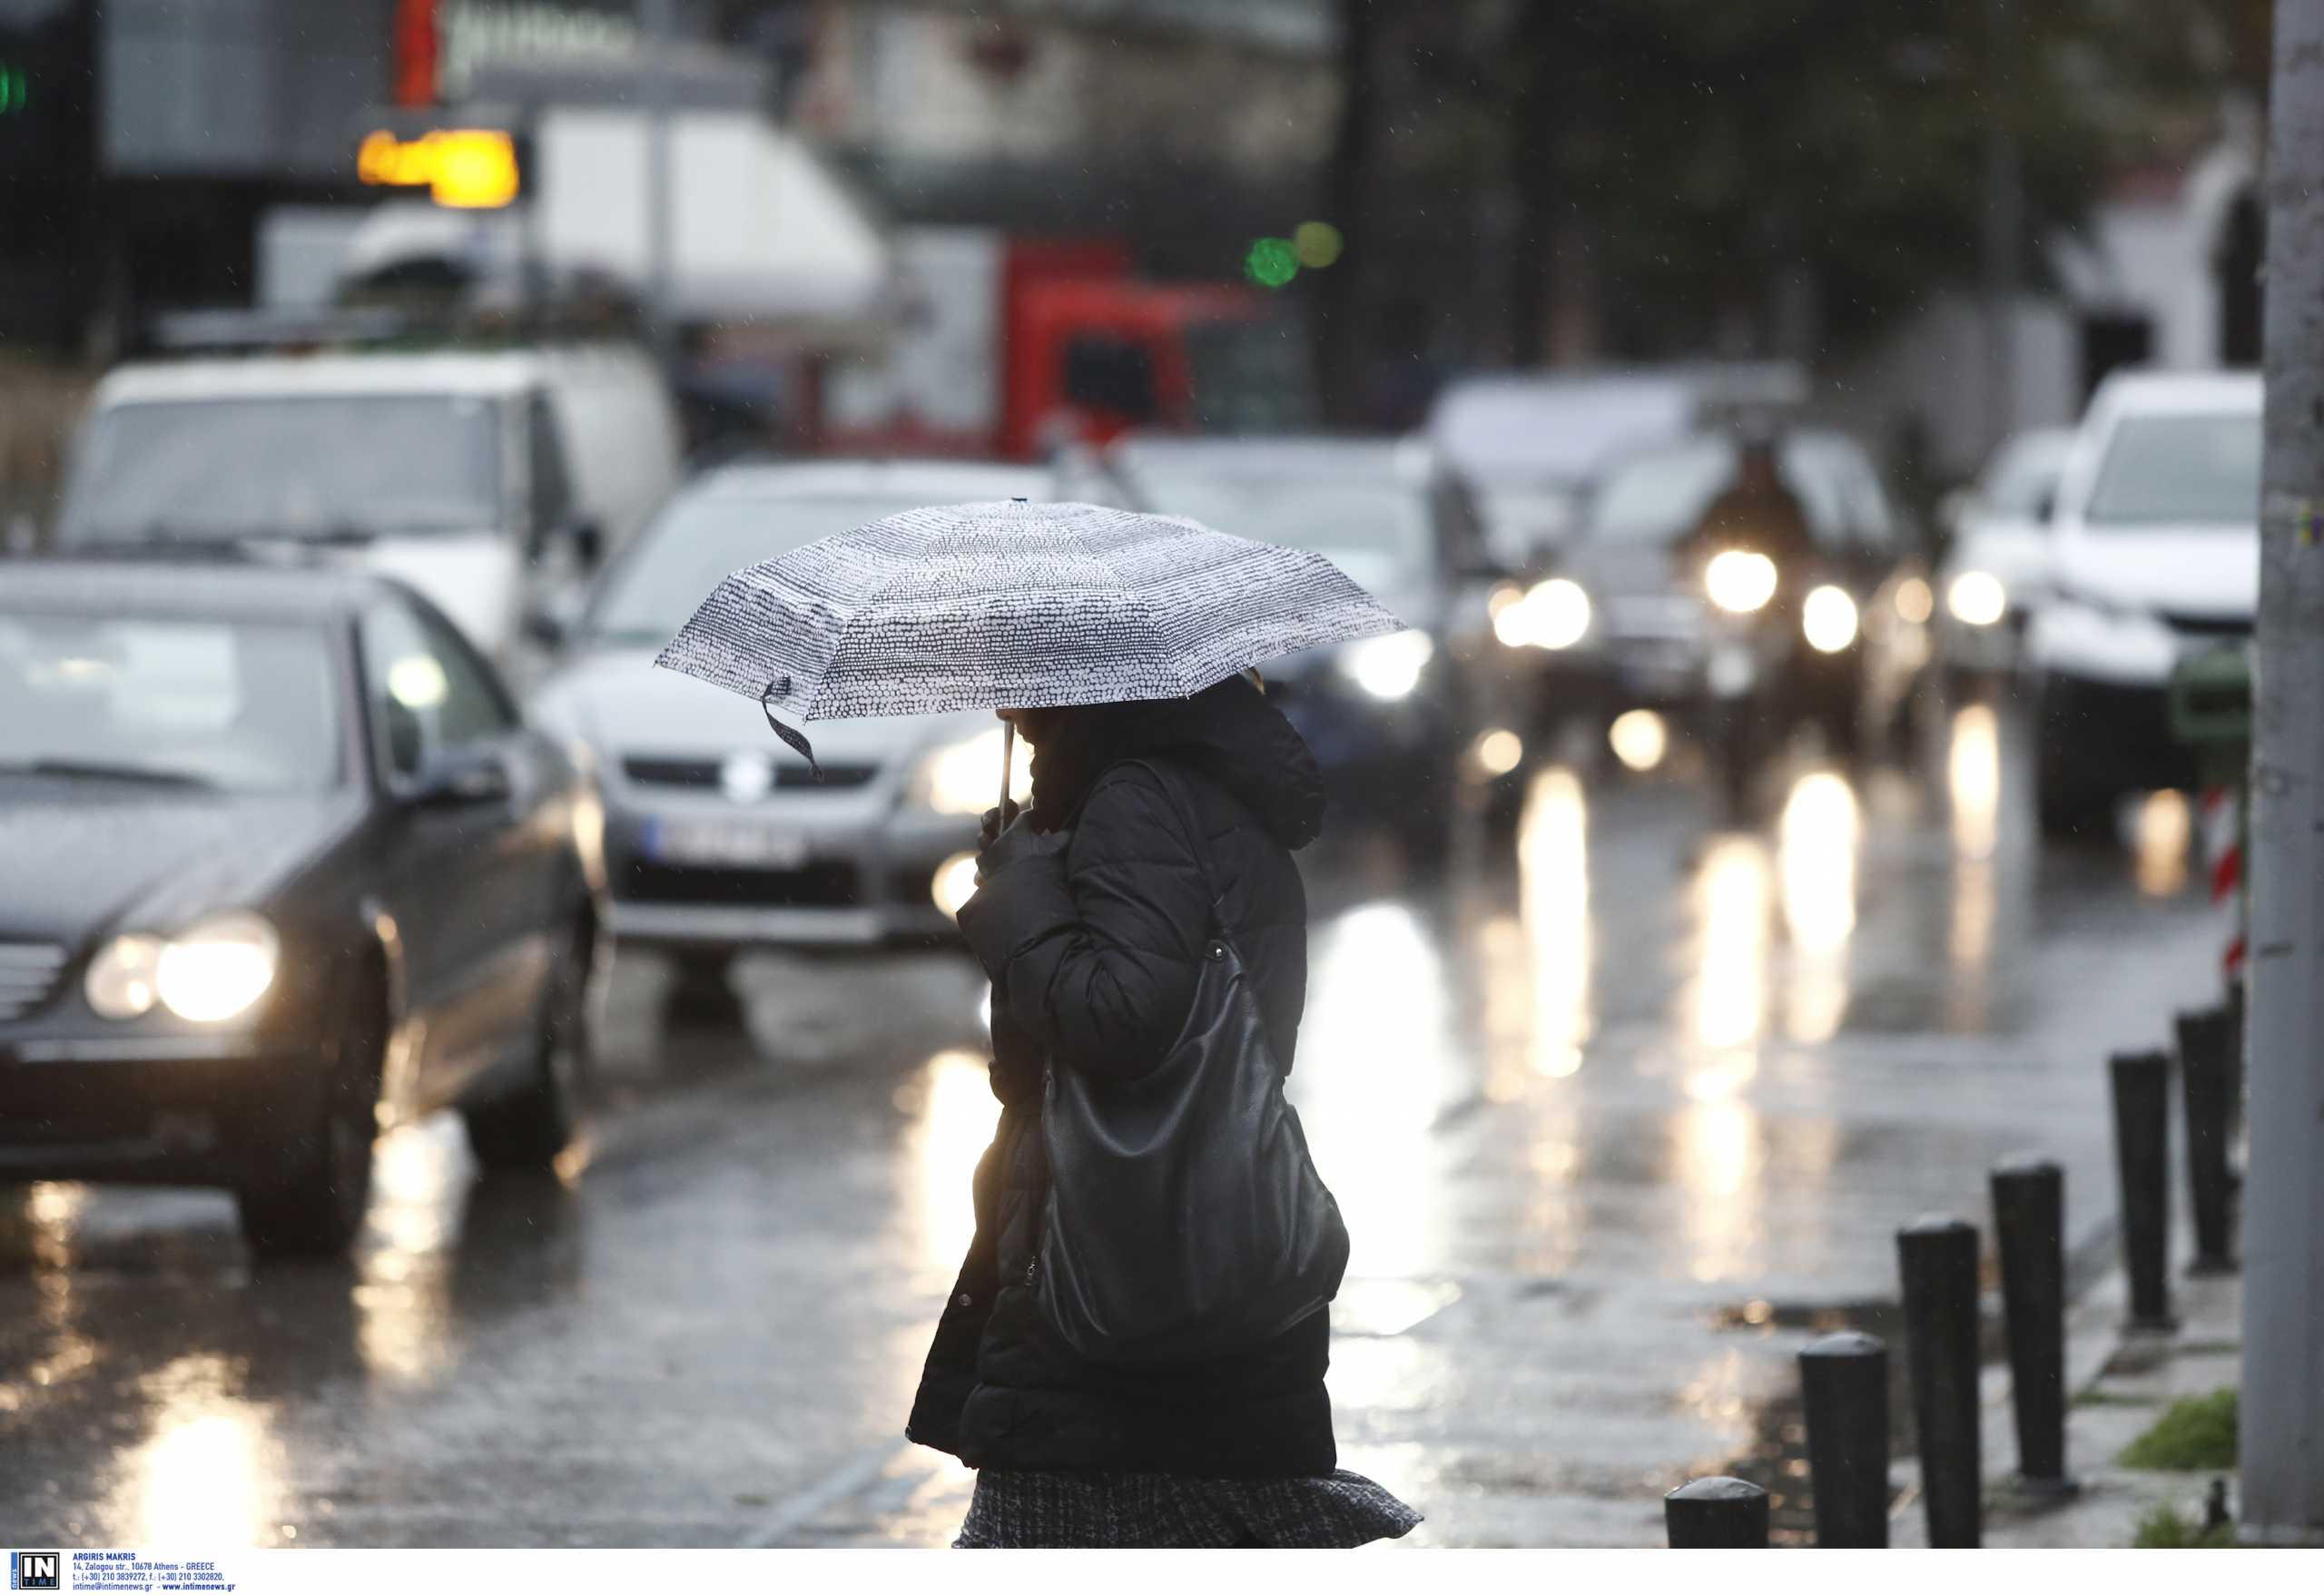 Καιρός αύριο: Ανεβαίνει ο υδράργυρος, επιμένουν βροχές και χιόνια – Πού θα έχει παγετό